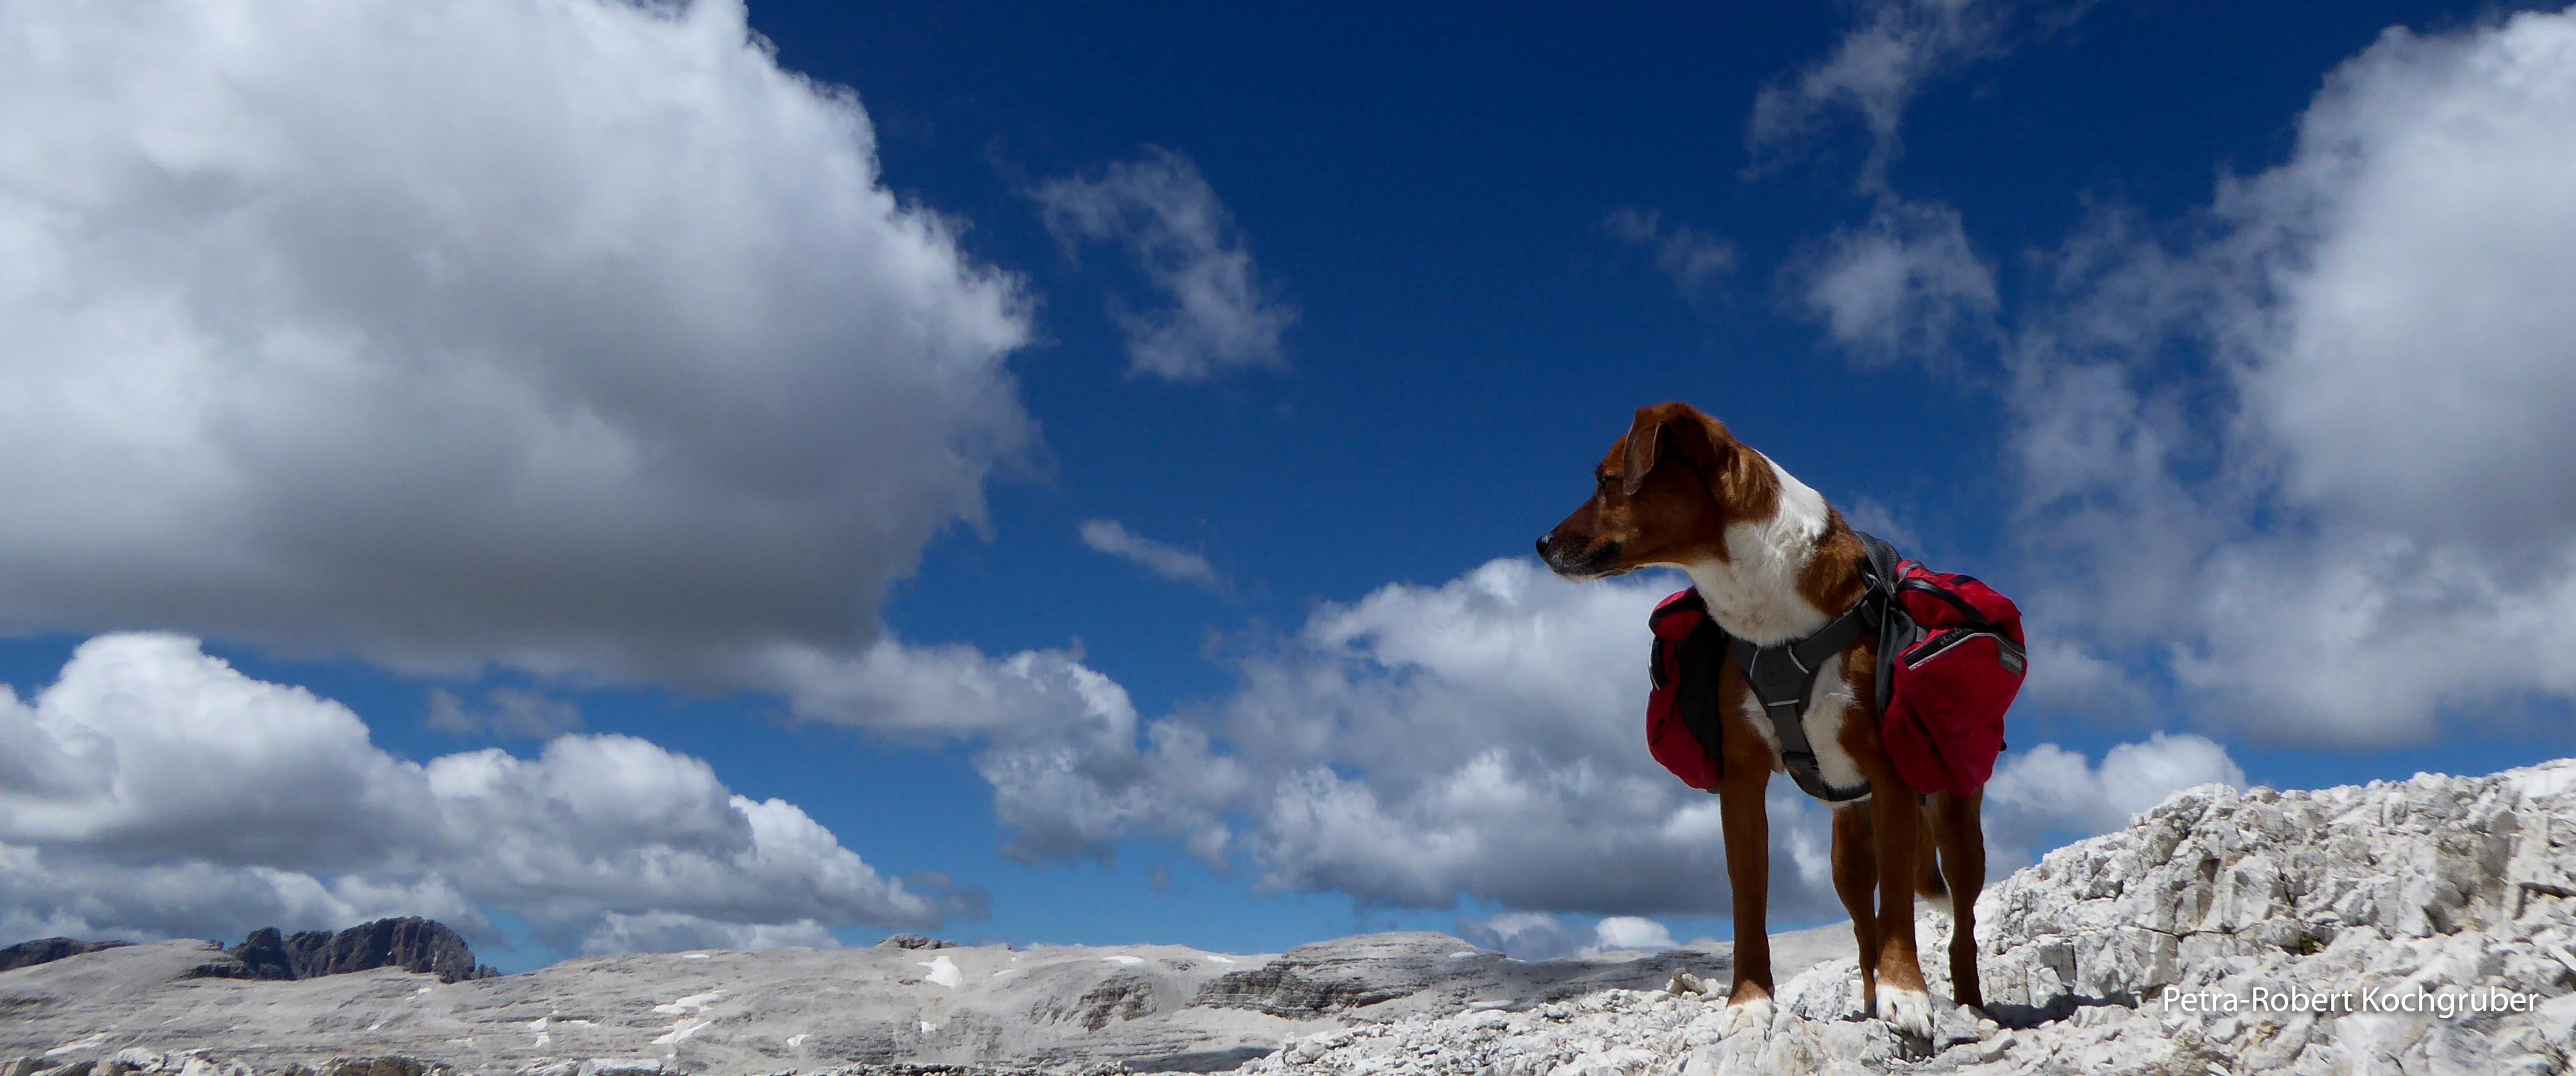 piz boé-hund mit rucksack-monet-muenchen-venedig-zu-fuss-mit-hund München-Venedig zu Fuss mit Hund